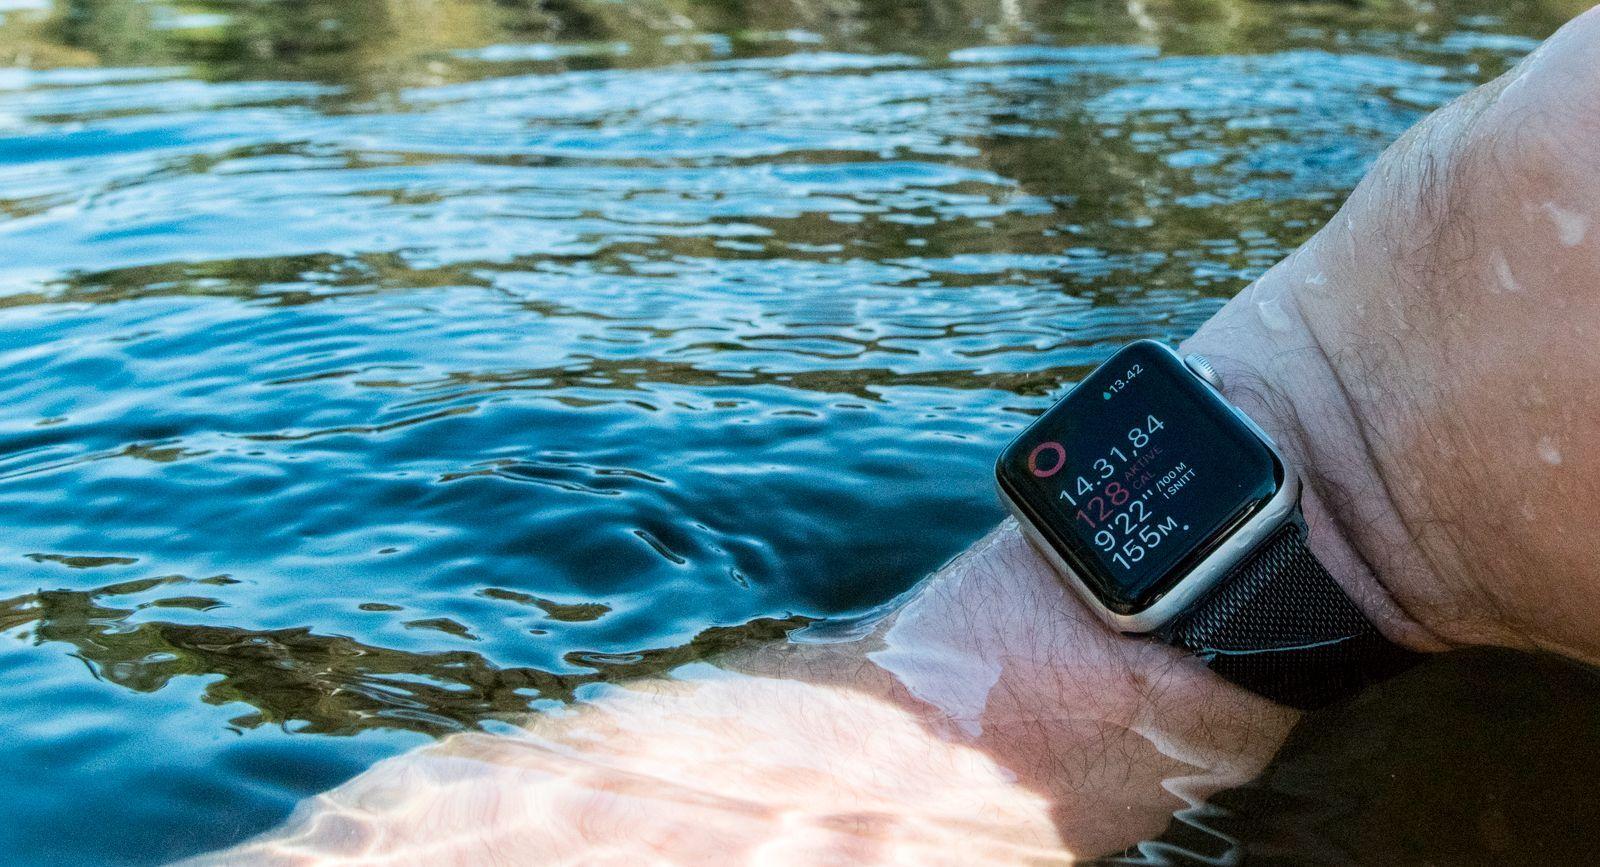 Series 2 av klokken, i praksis tredje generasjon, ble så tett at den kunne bli med ut i vannet. Før dette var den bare sprutsikker.